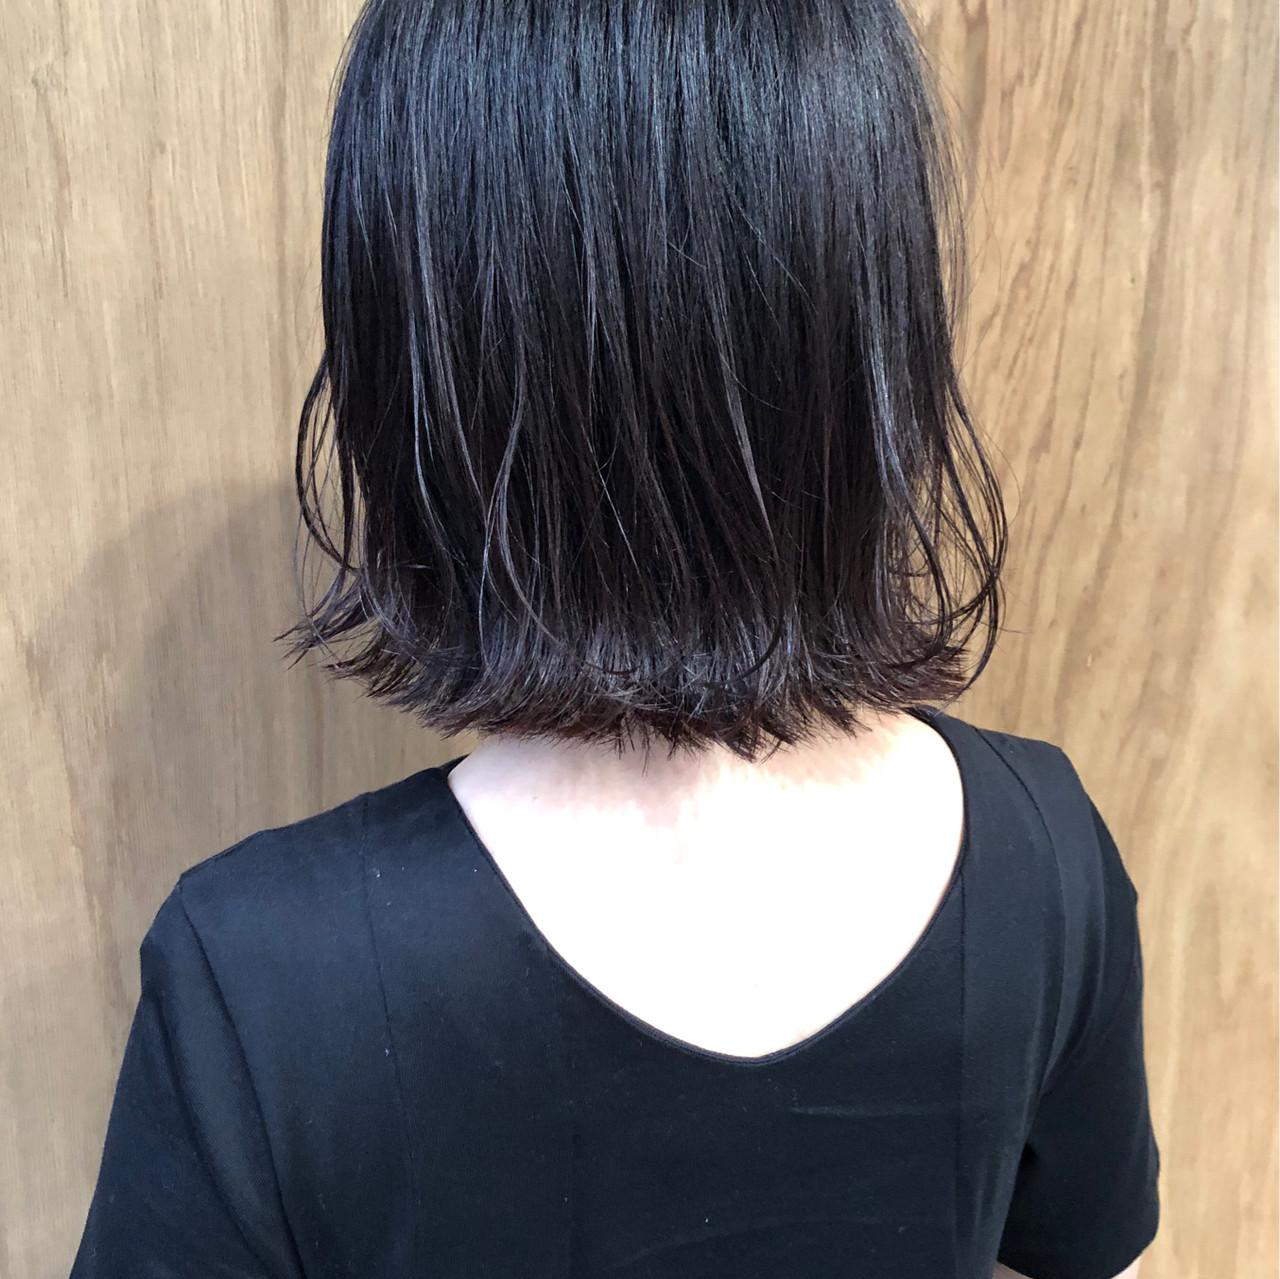 ハンサムショート ショートボブ ナチュラル ミニボブ ヘアスタイルや髪型の写真・画像